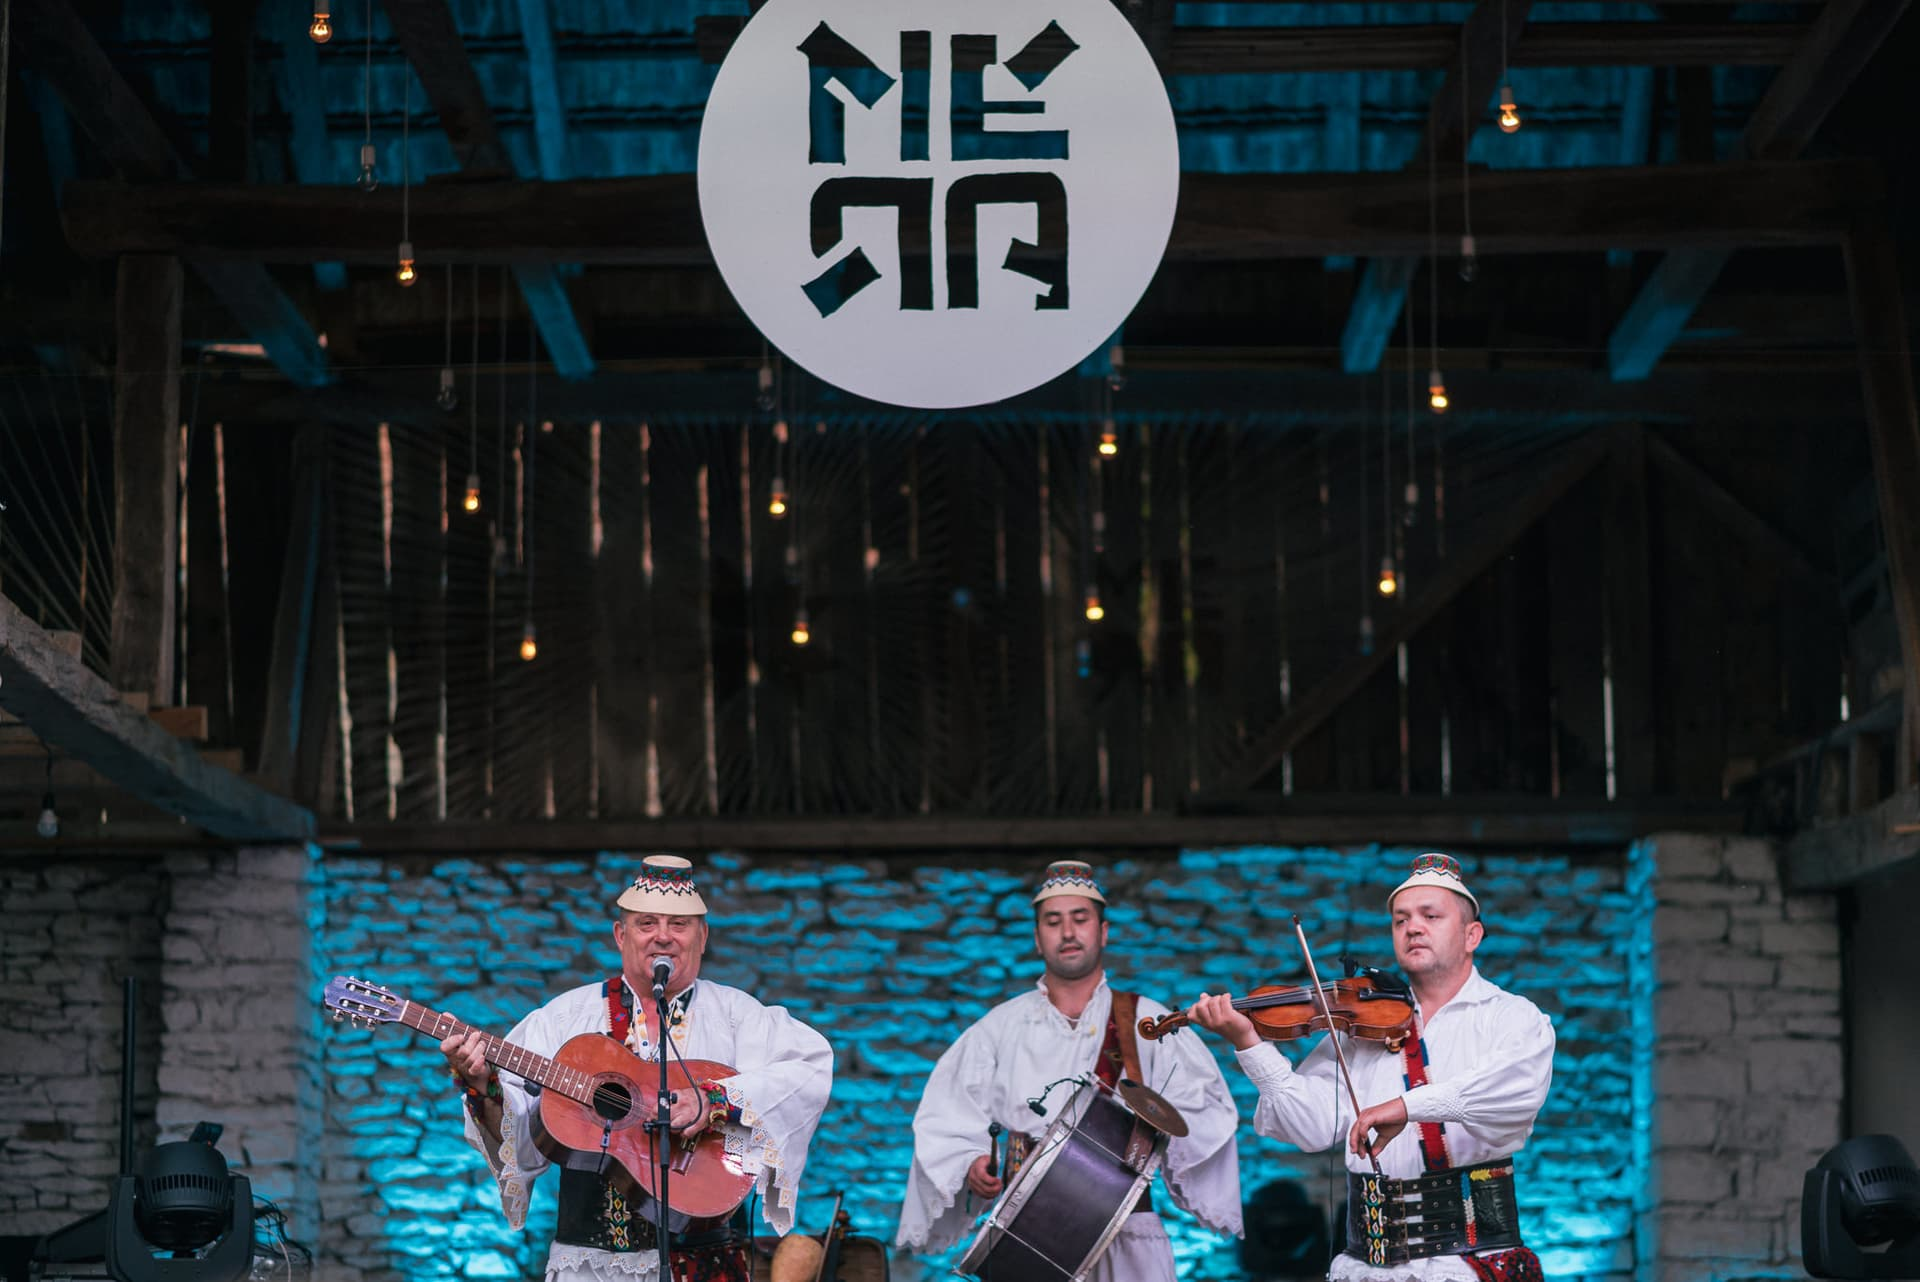 MERA WORLD MUSIC: Festivalul world music de șură al Transilvaniei, cu cea mai bună muzică a mileniilor trecute